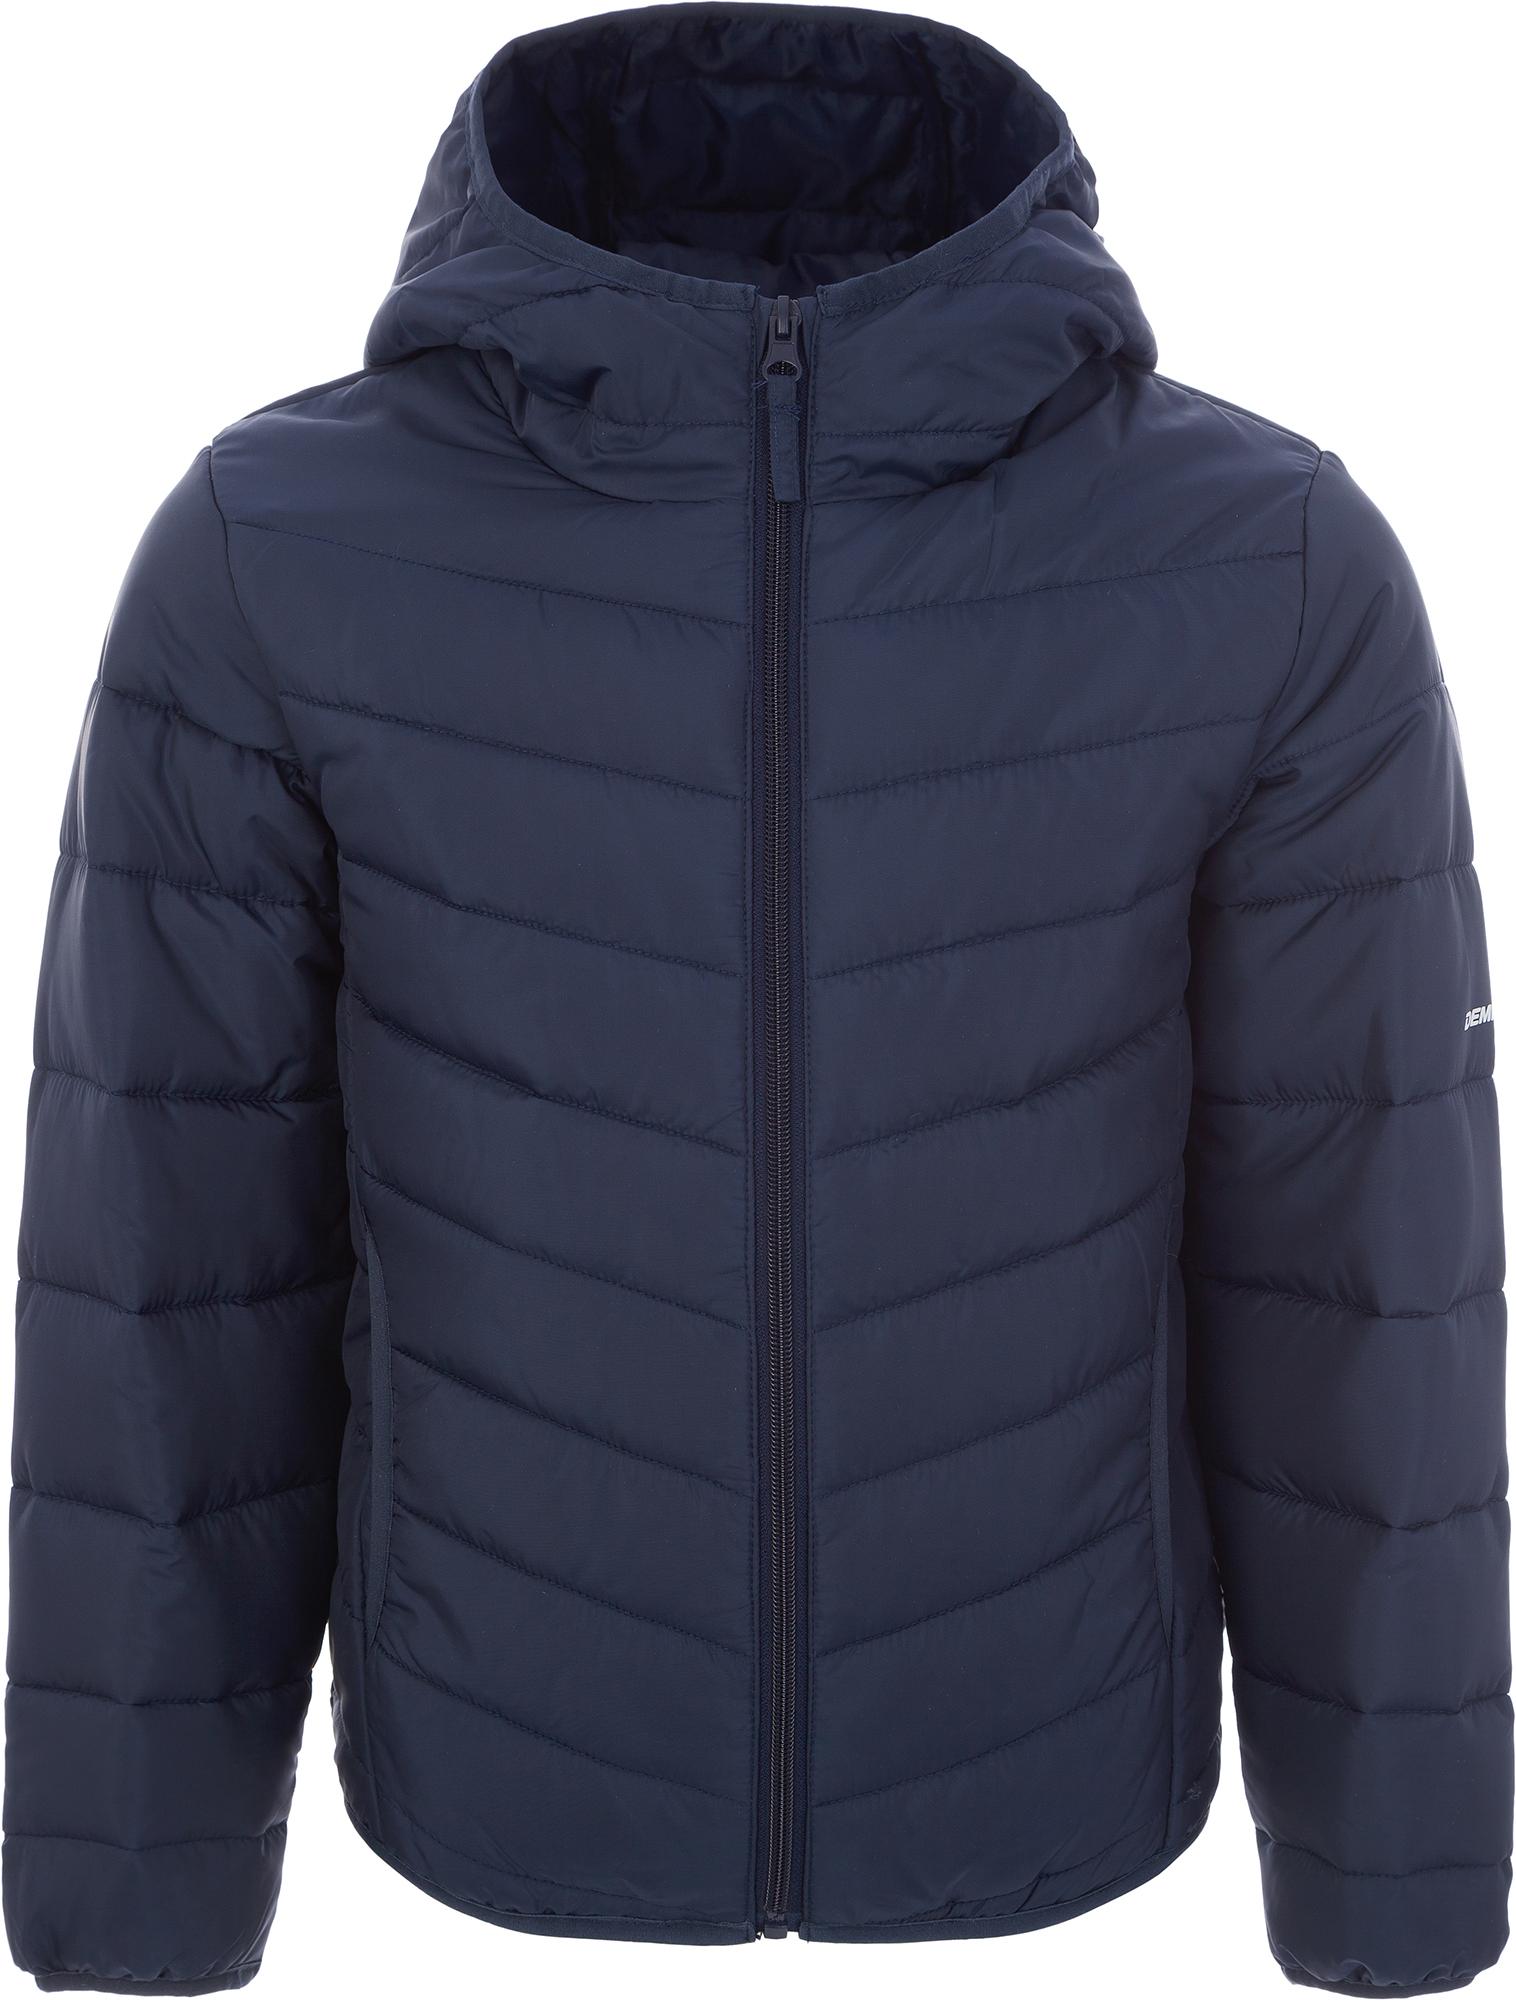 Demix Куртка утепленная для мальчиков Demix, размер 164